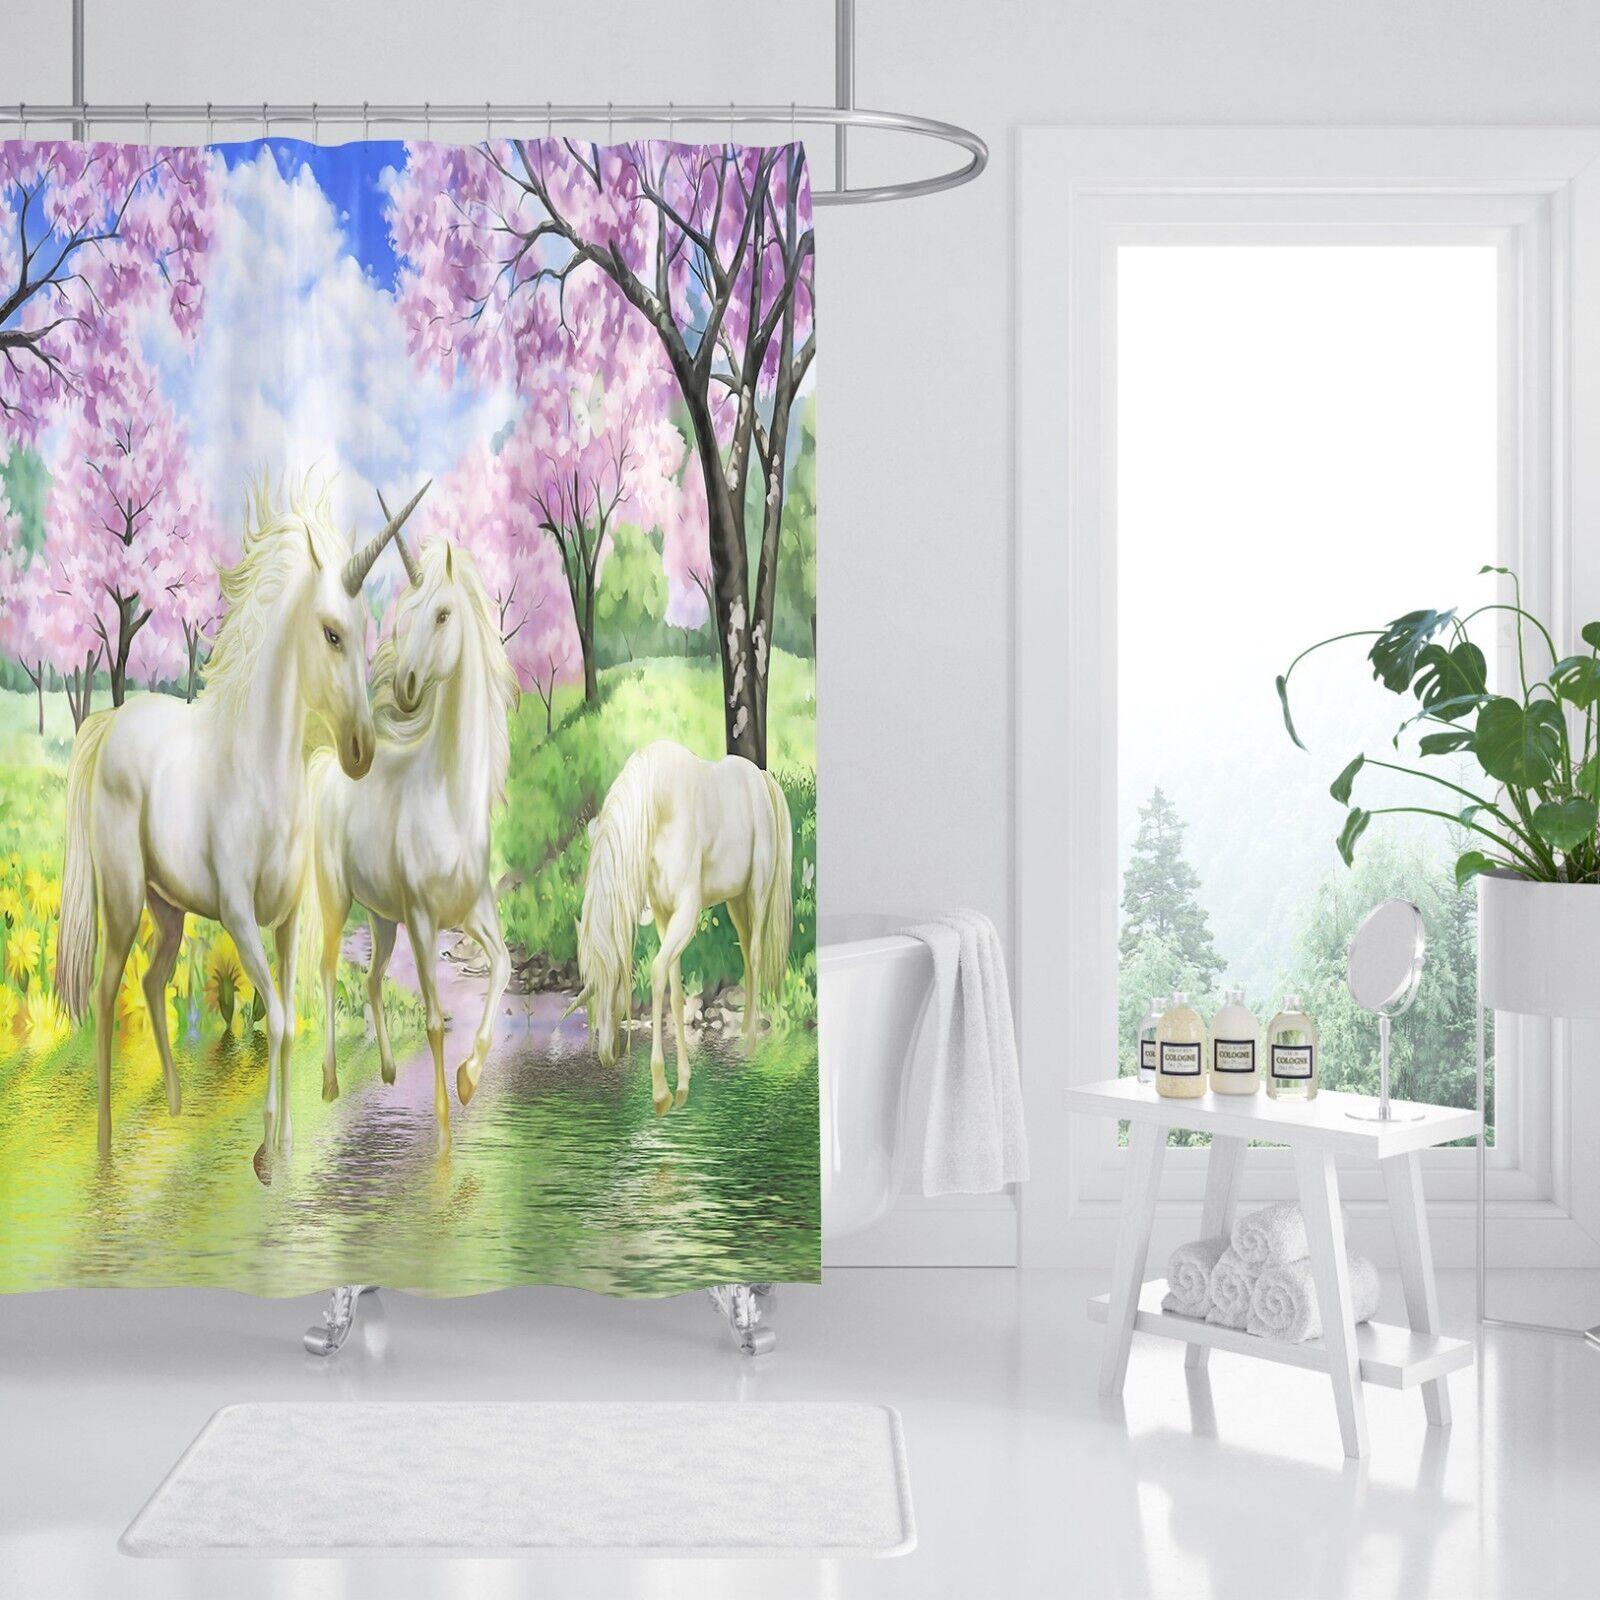 3D Unicorn Fiore 2 Tenda da doccia IMPERMEABILE Fibra Bagno WC CASA FINESTRE